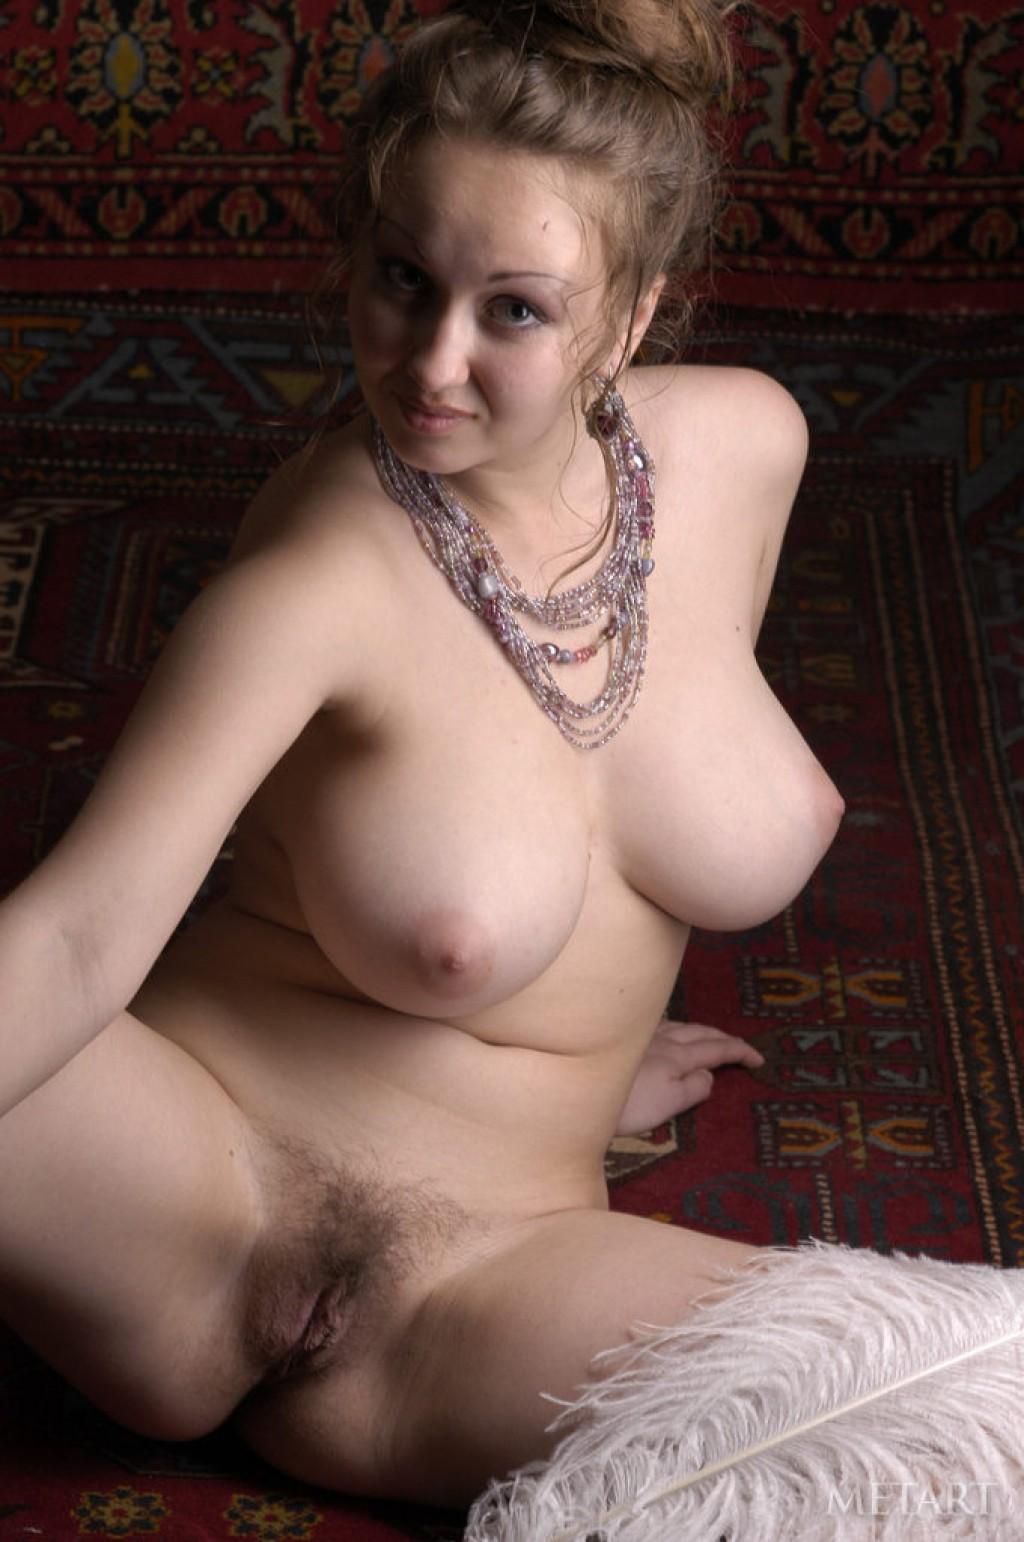 Big black hot mamas naked